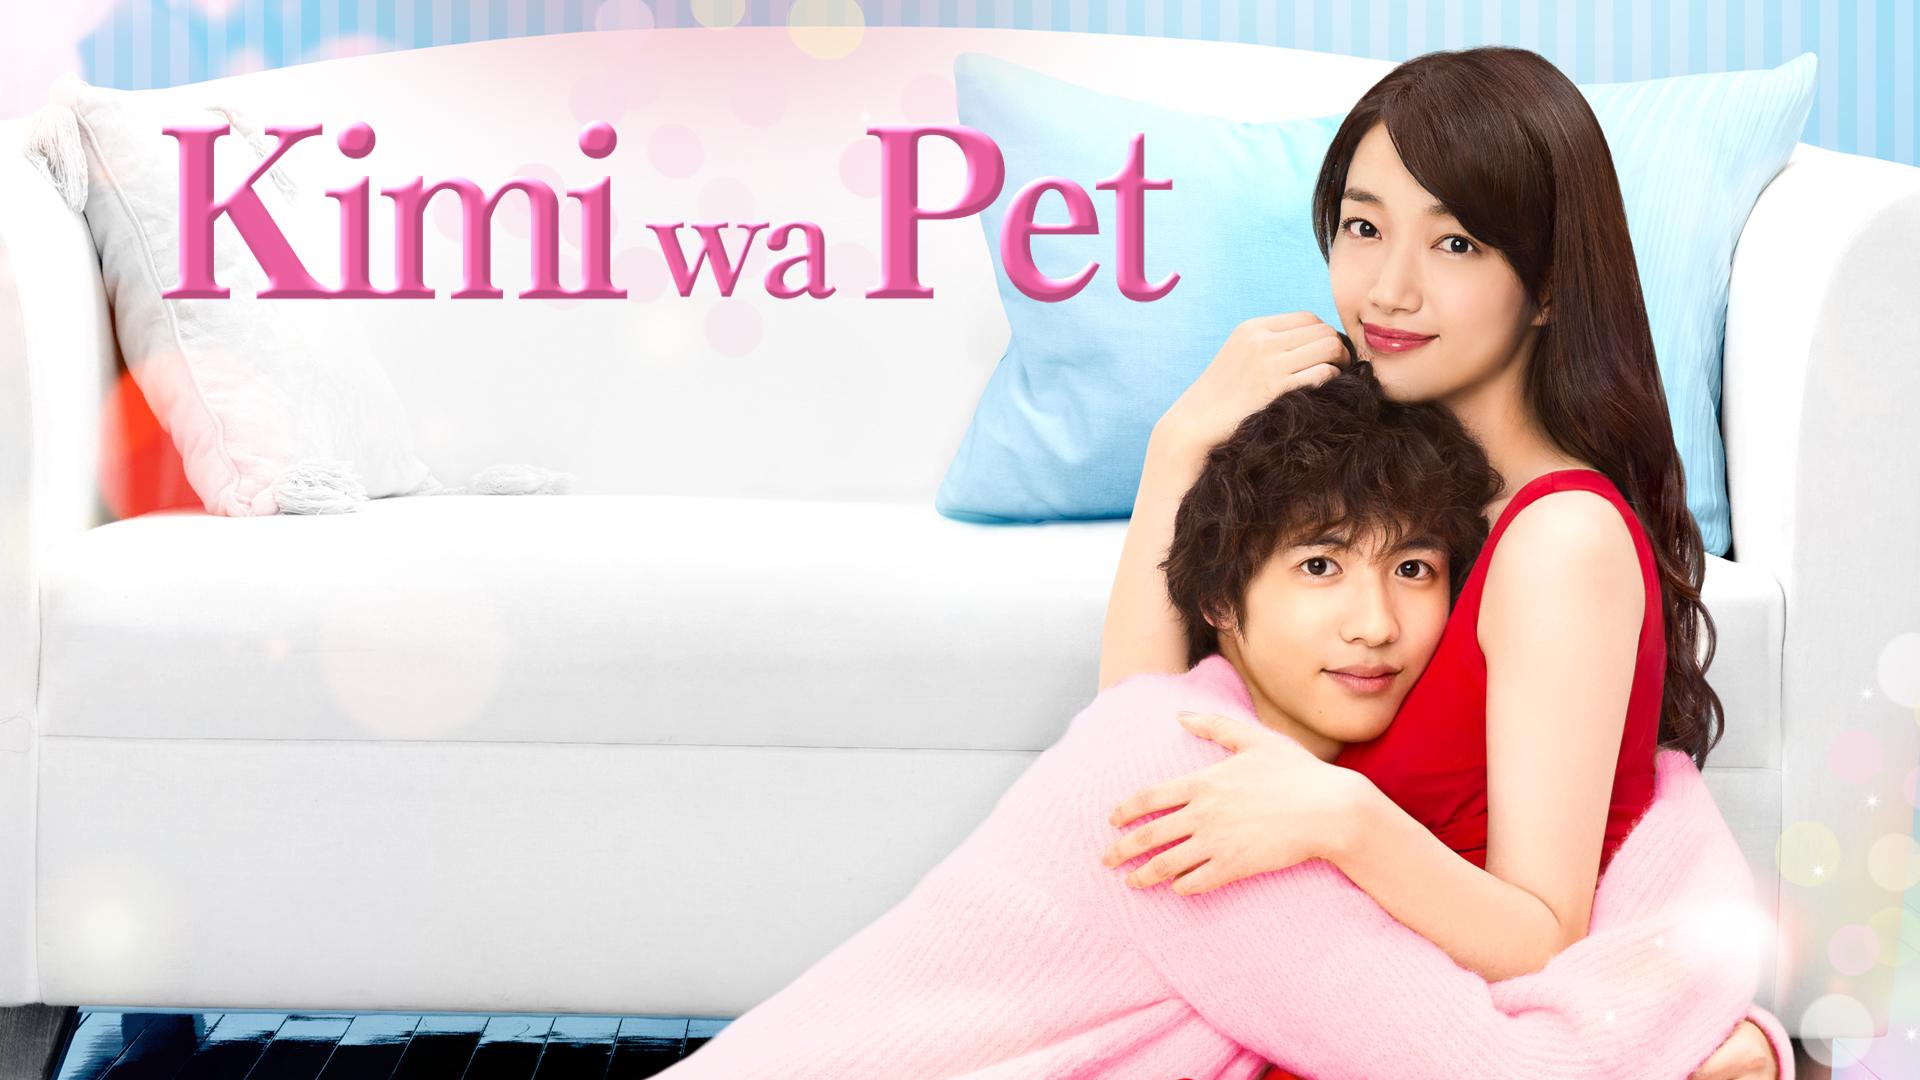 Kimi wa Pet